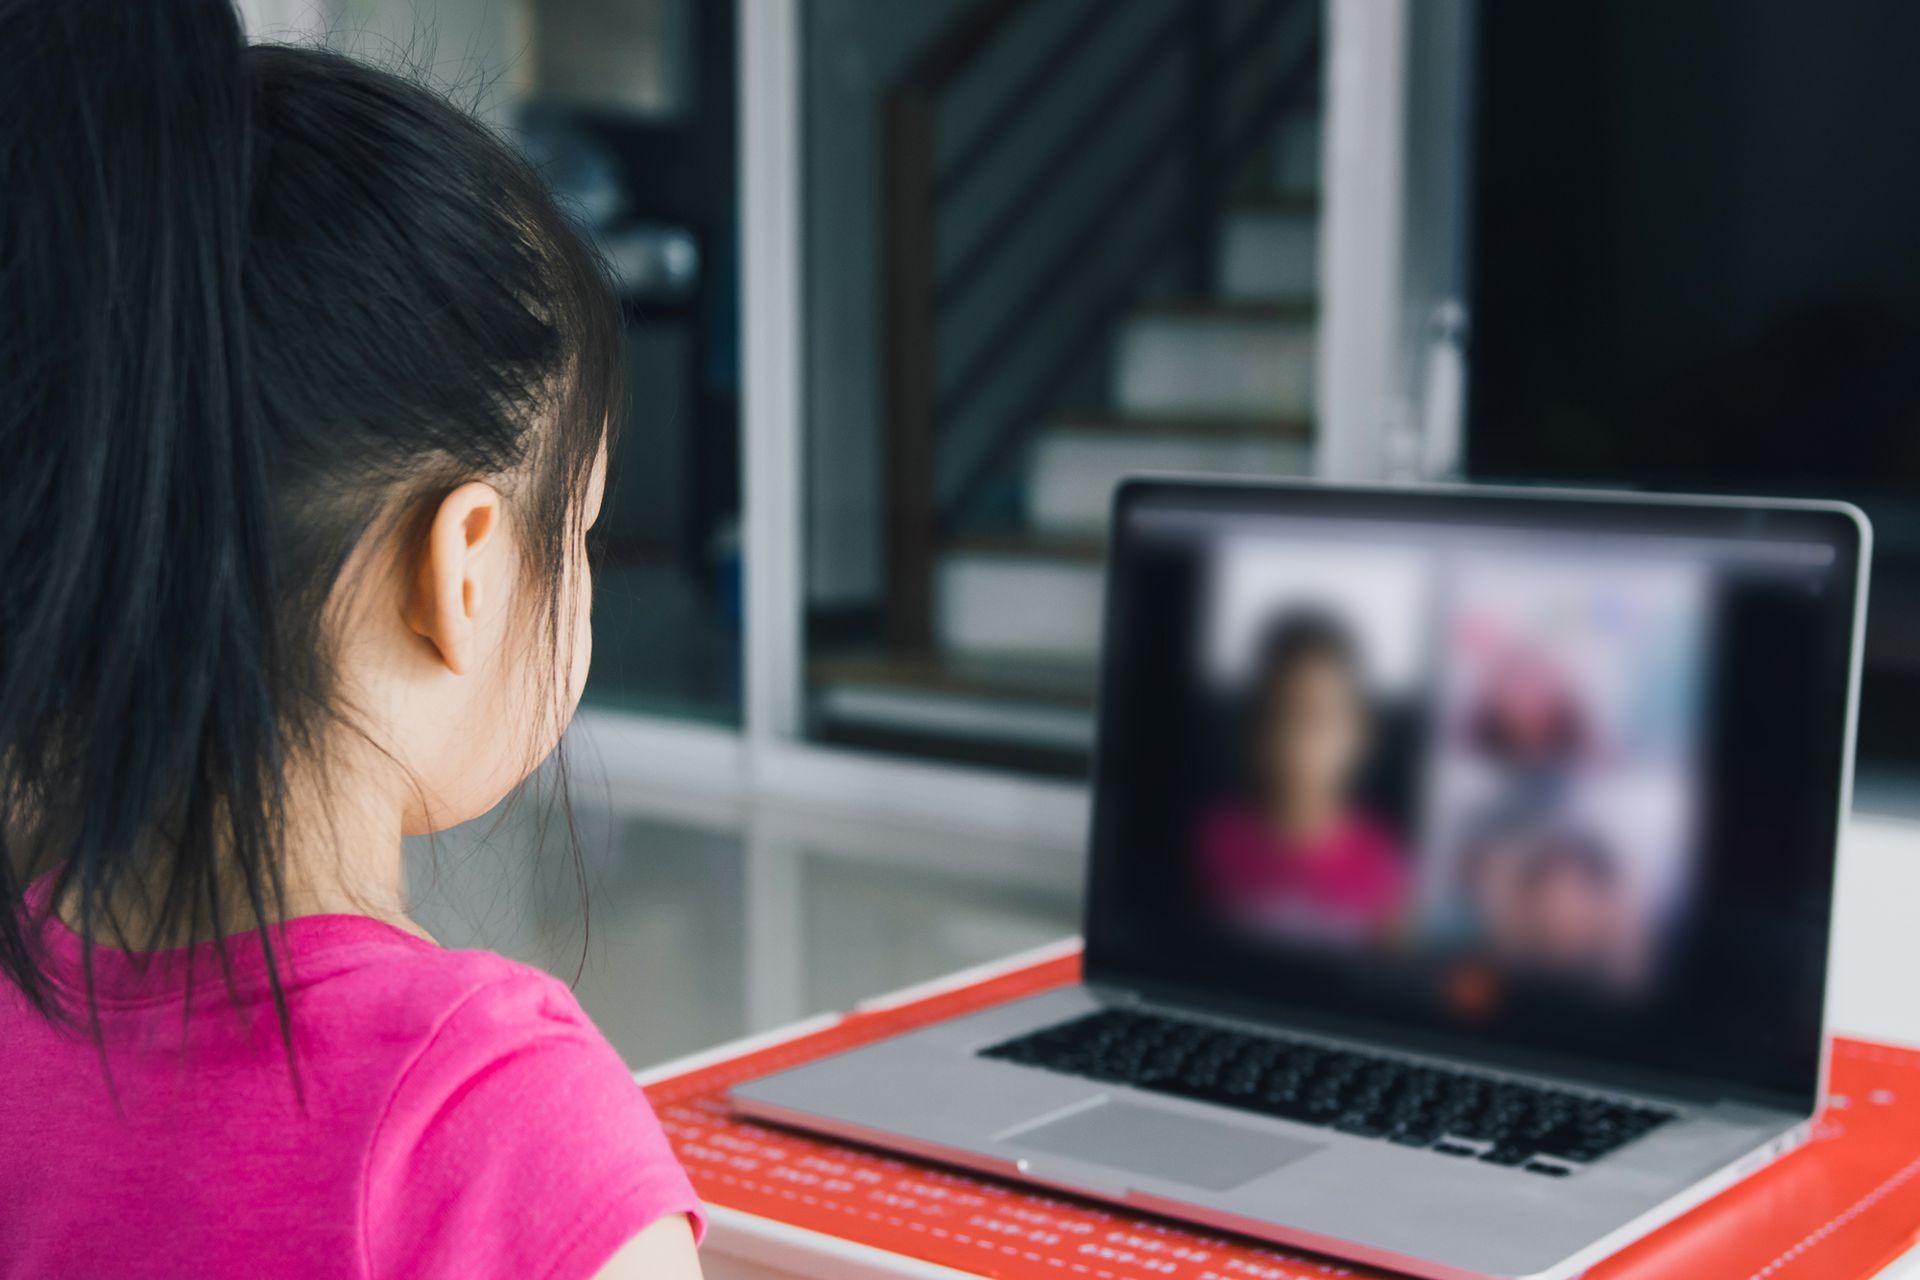 La virtualidad no es fácil para los menores de 5 años